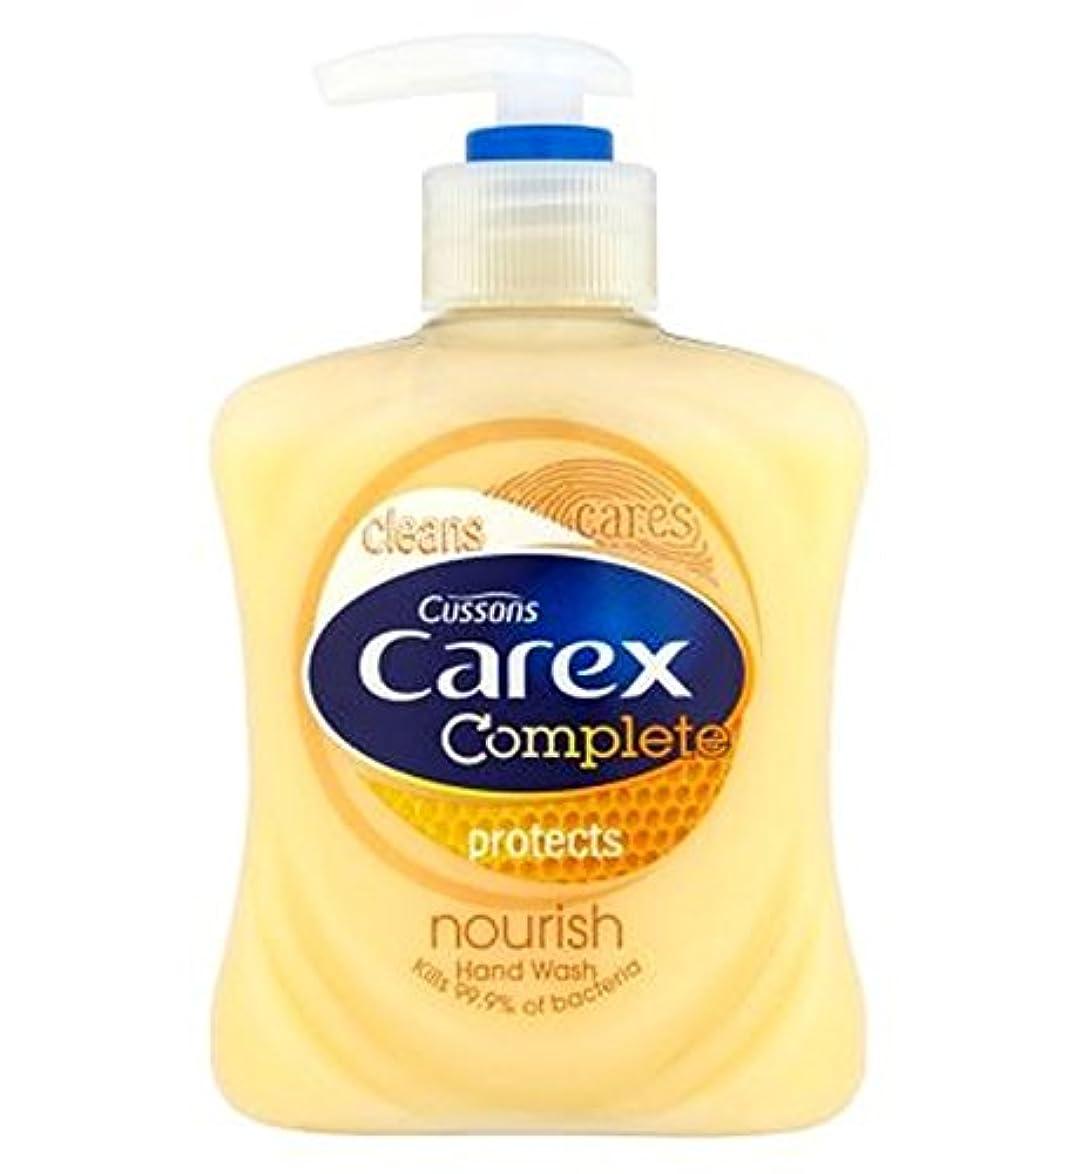 仮装車突き出すCarex Complete Nourishing Hand Wash 250ml - スゲ属完全な栄養ハンドウォッシュ250ミリリットル (Carex) [並行輸入品]